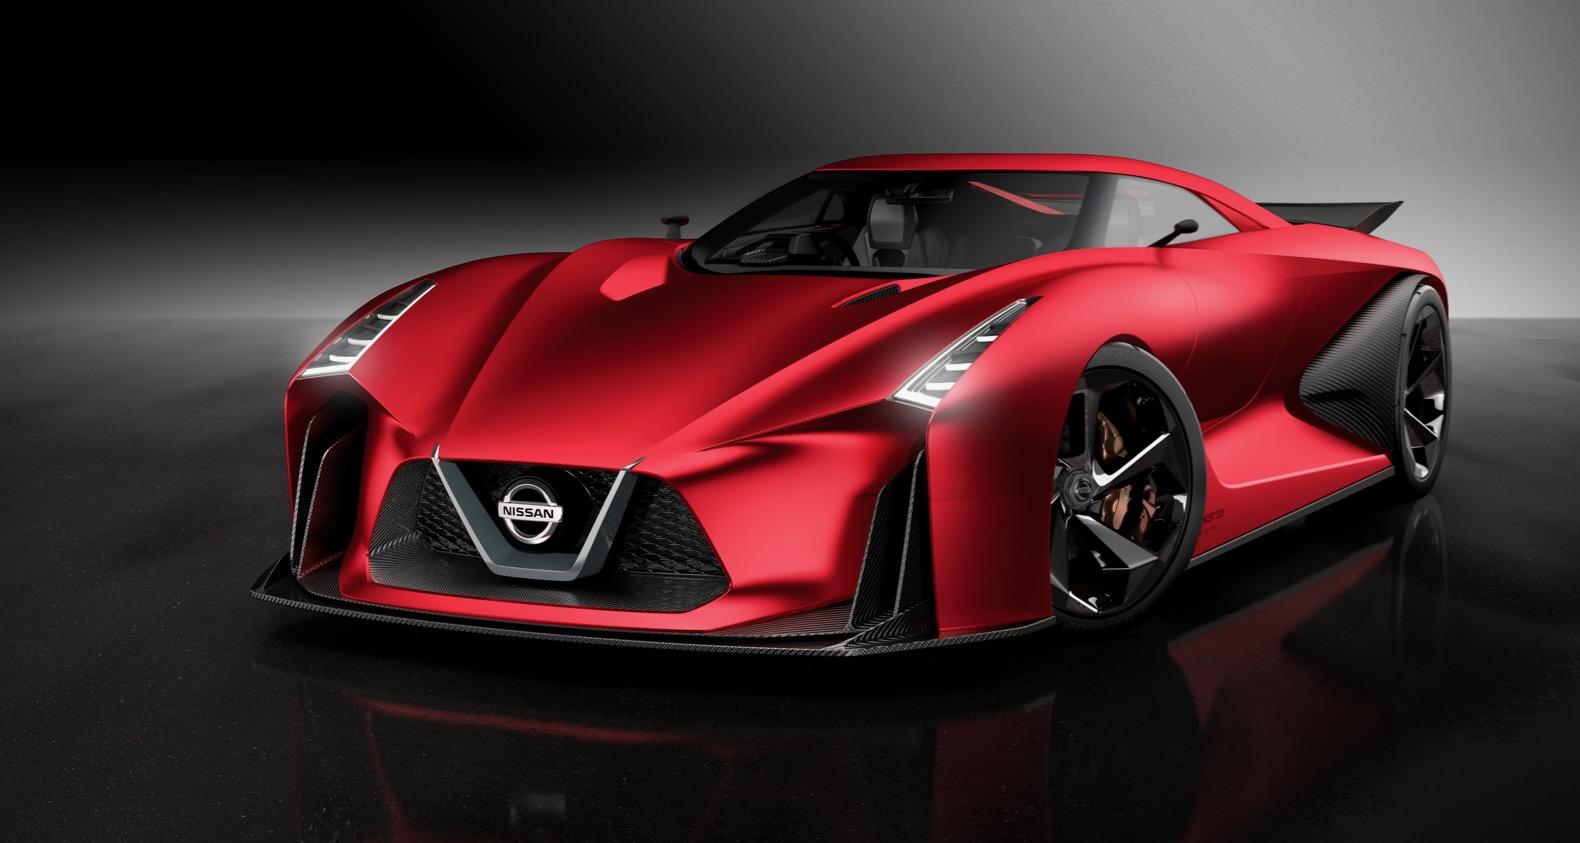 Video: Nissan Concept 2020 Vision Gran Turismo: La EmociÛn De L